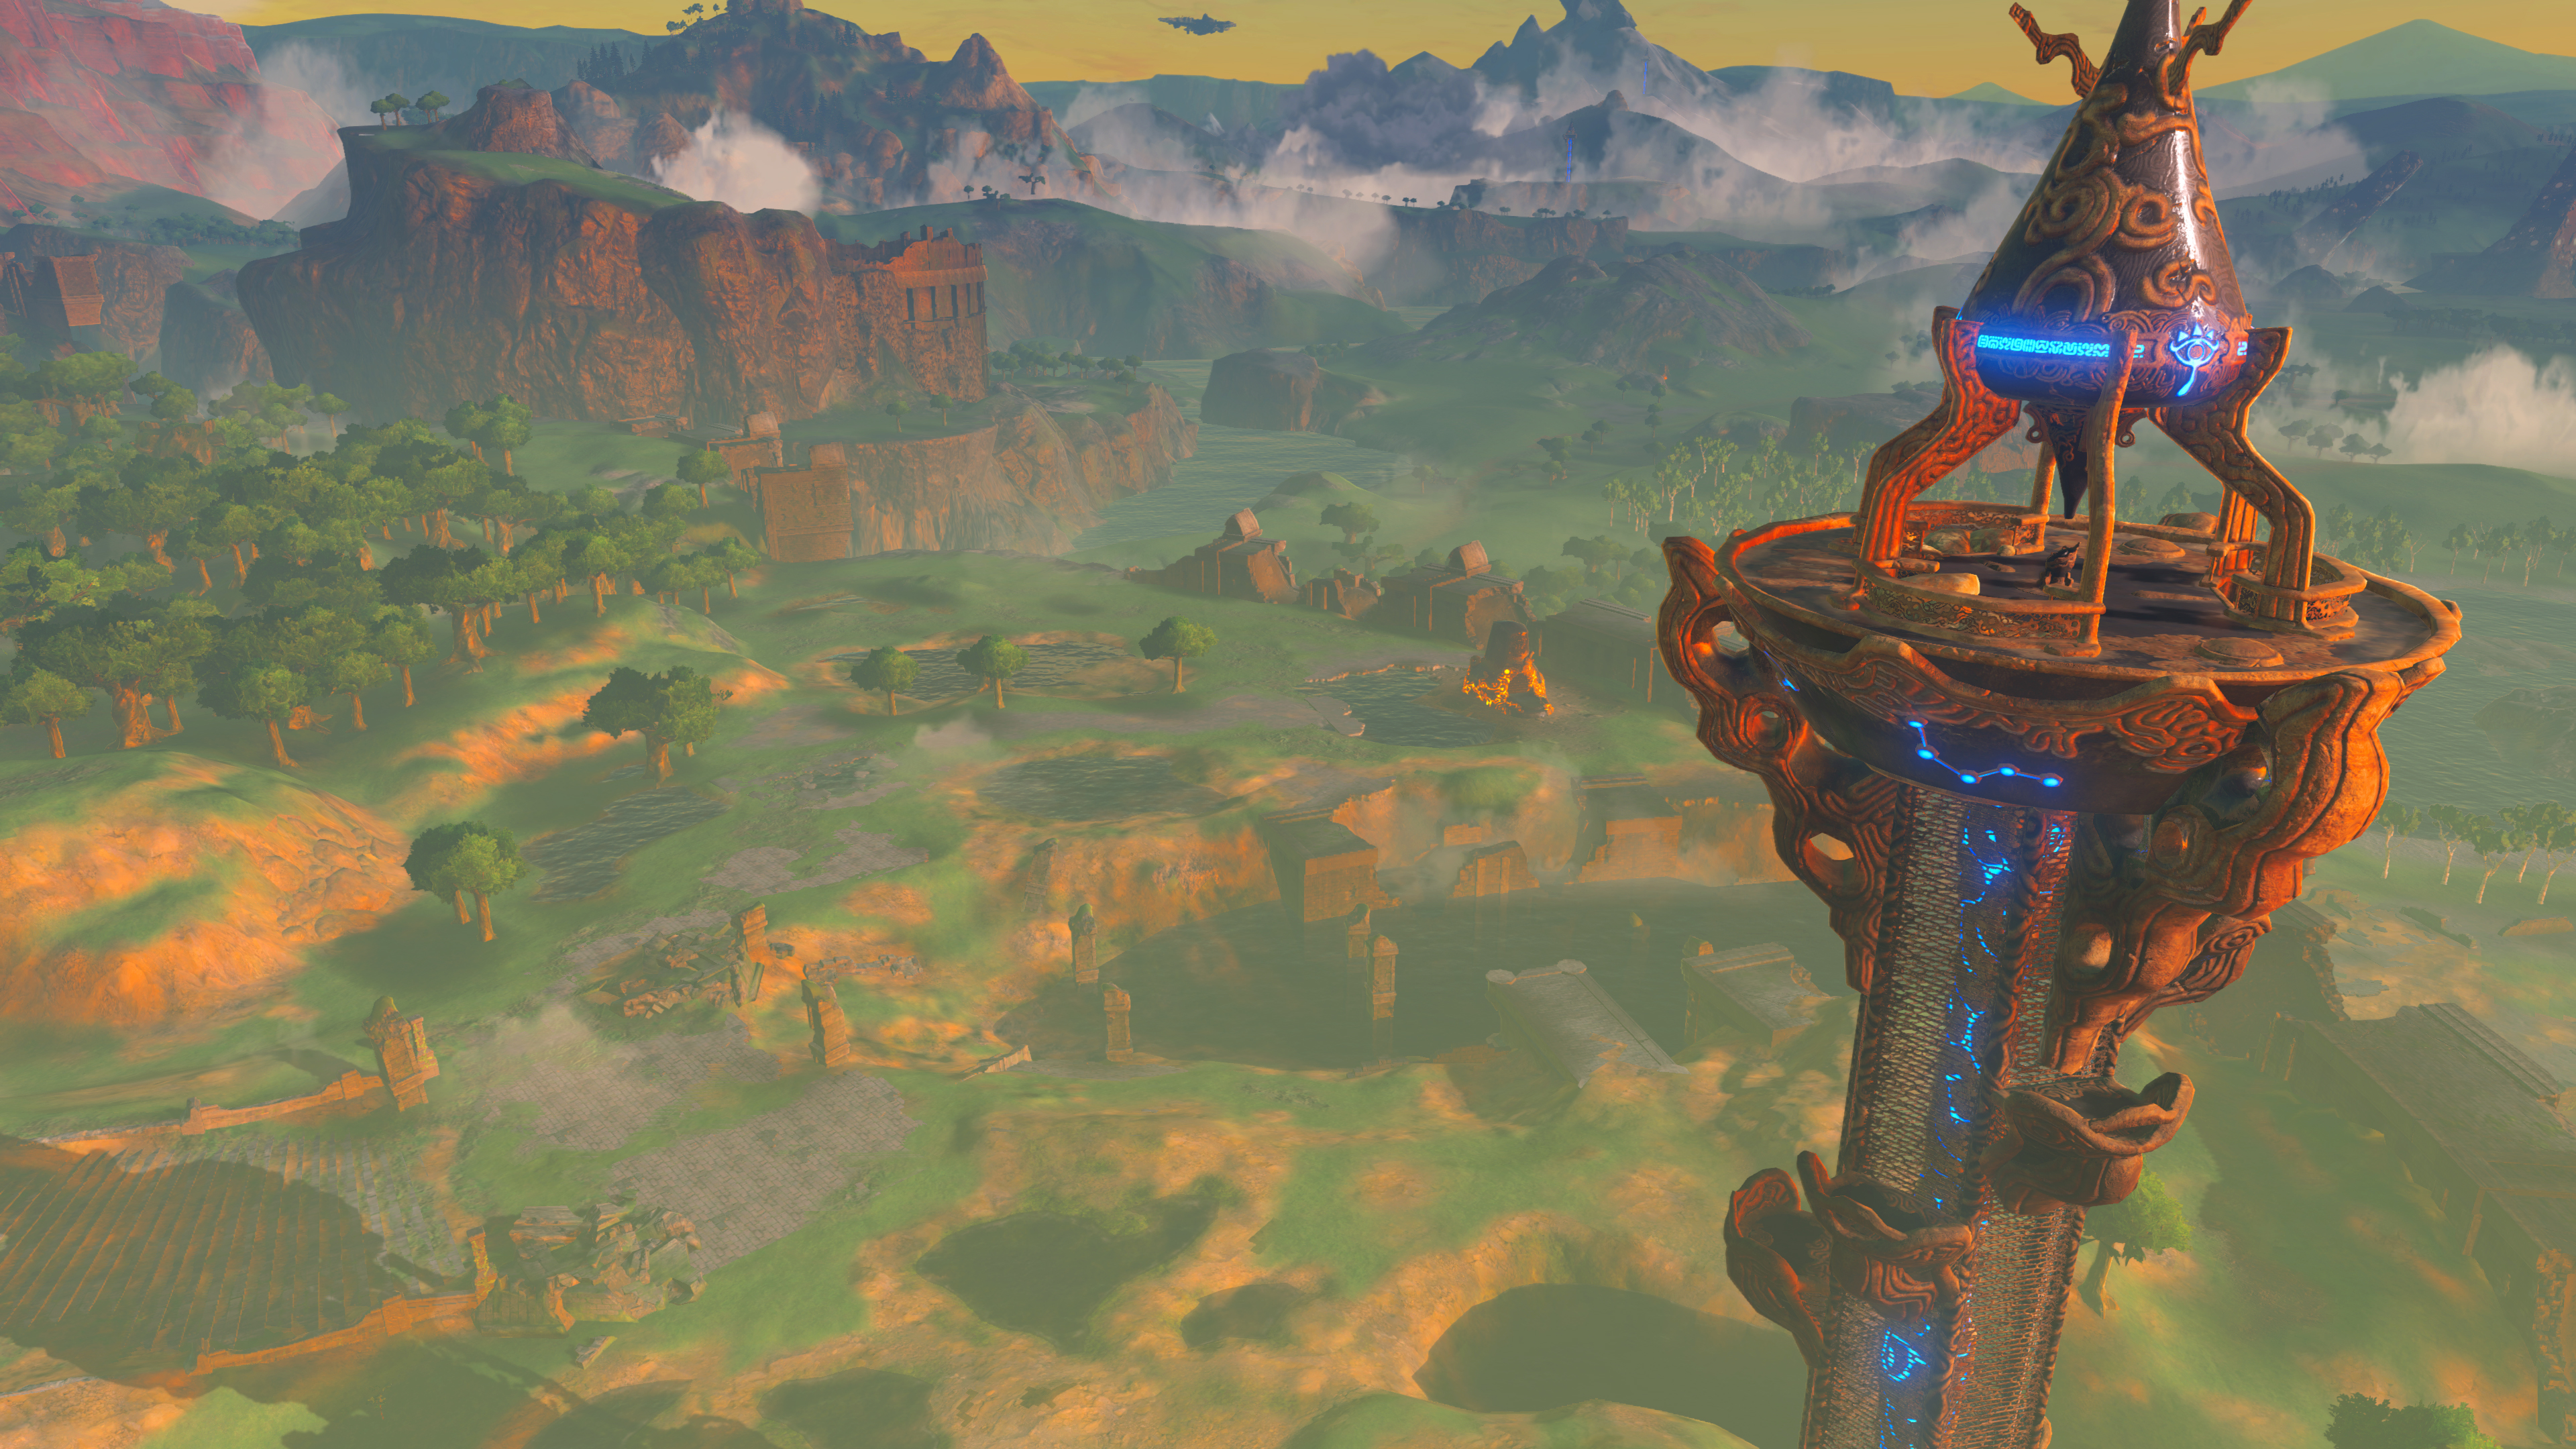 WiiU_TheLegendofZeldaBreathoftheWild_E32016_background_055